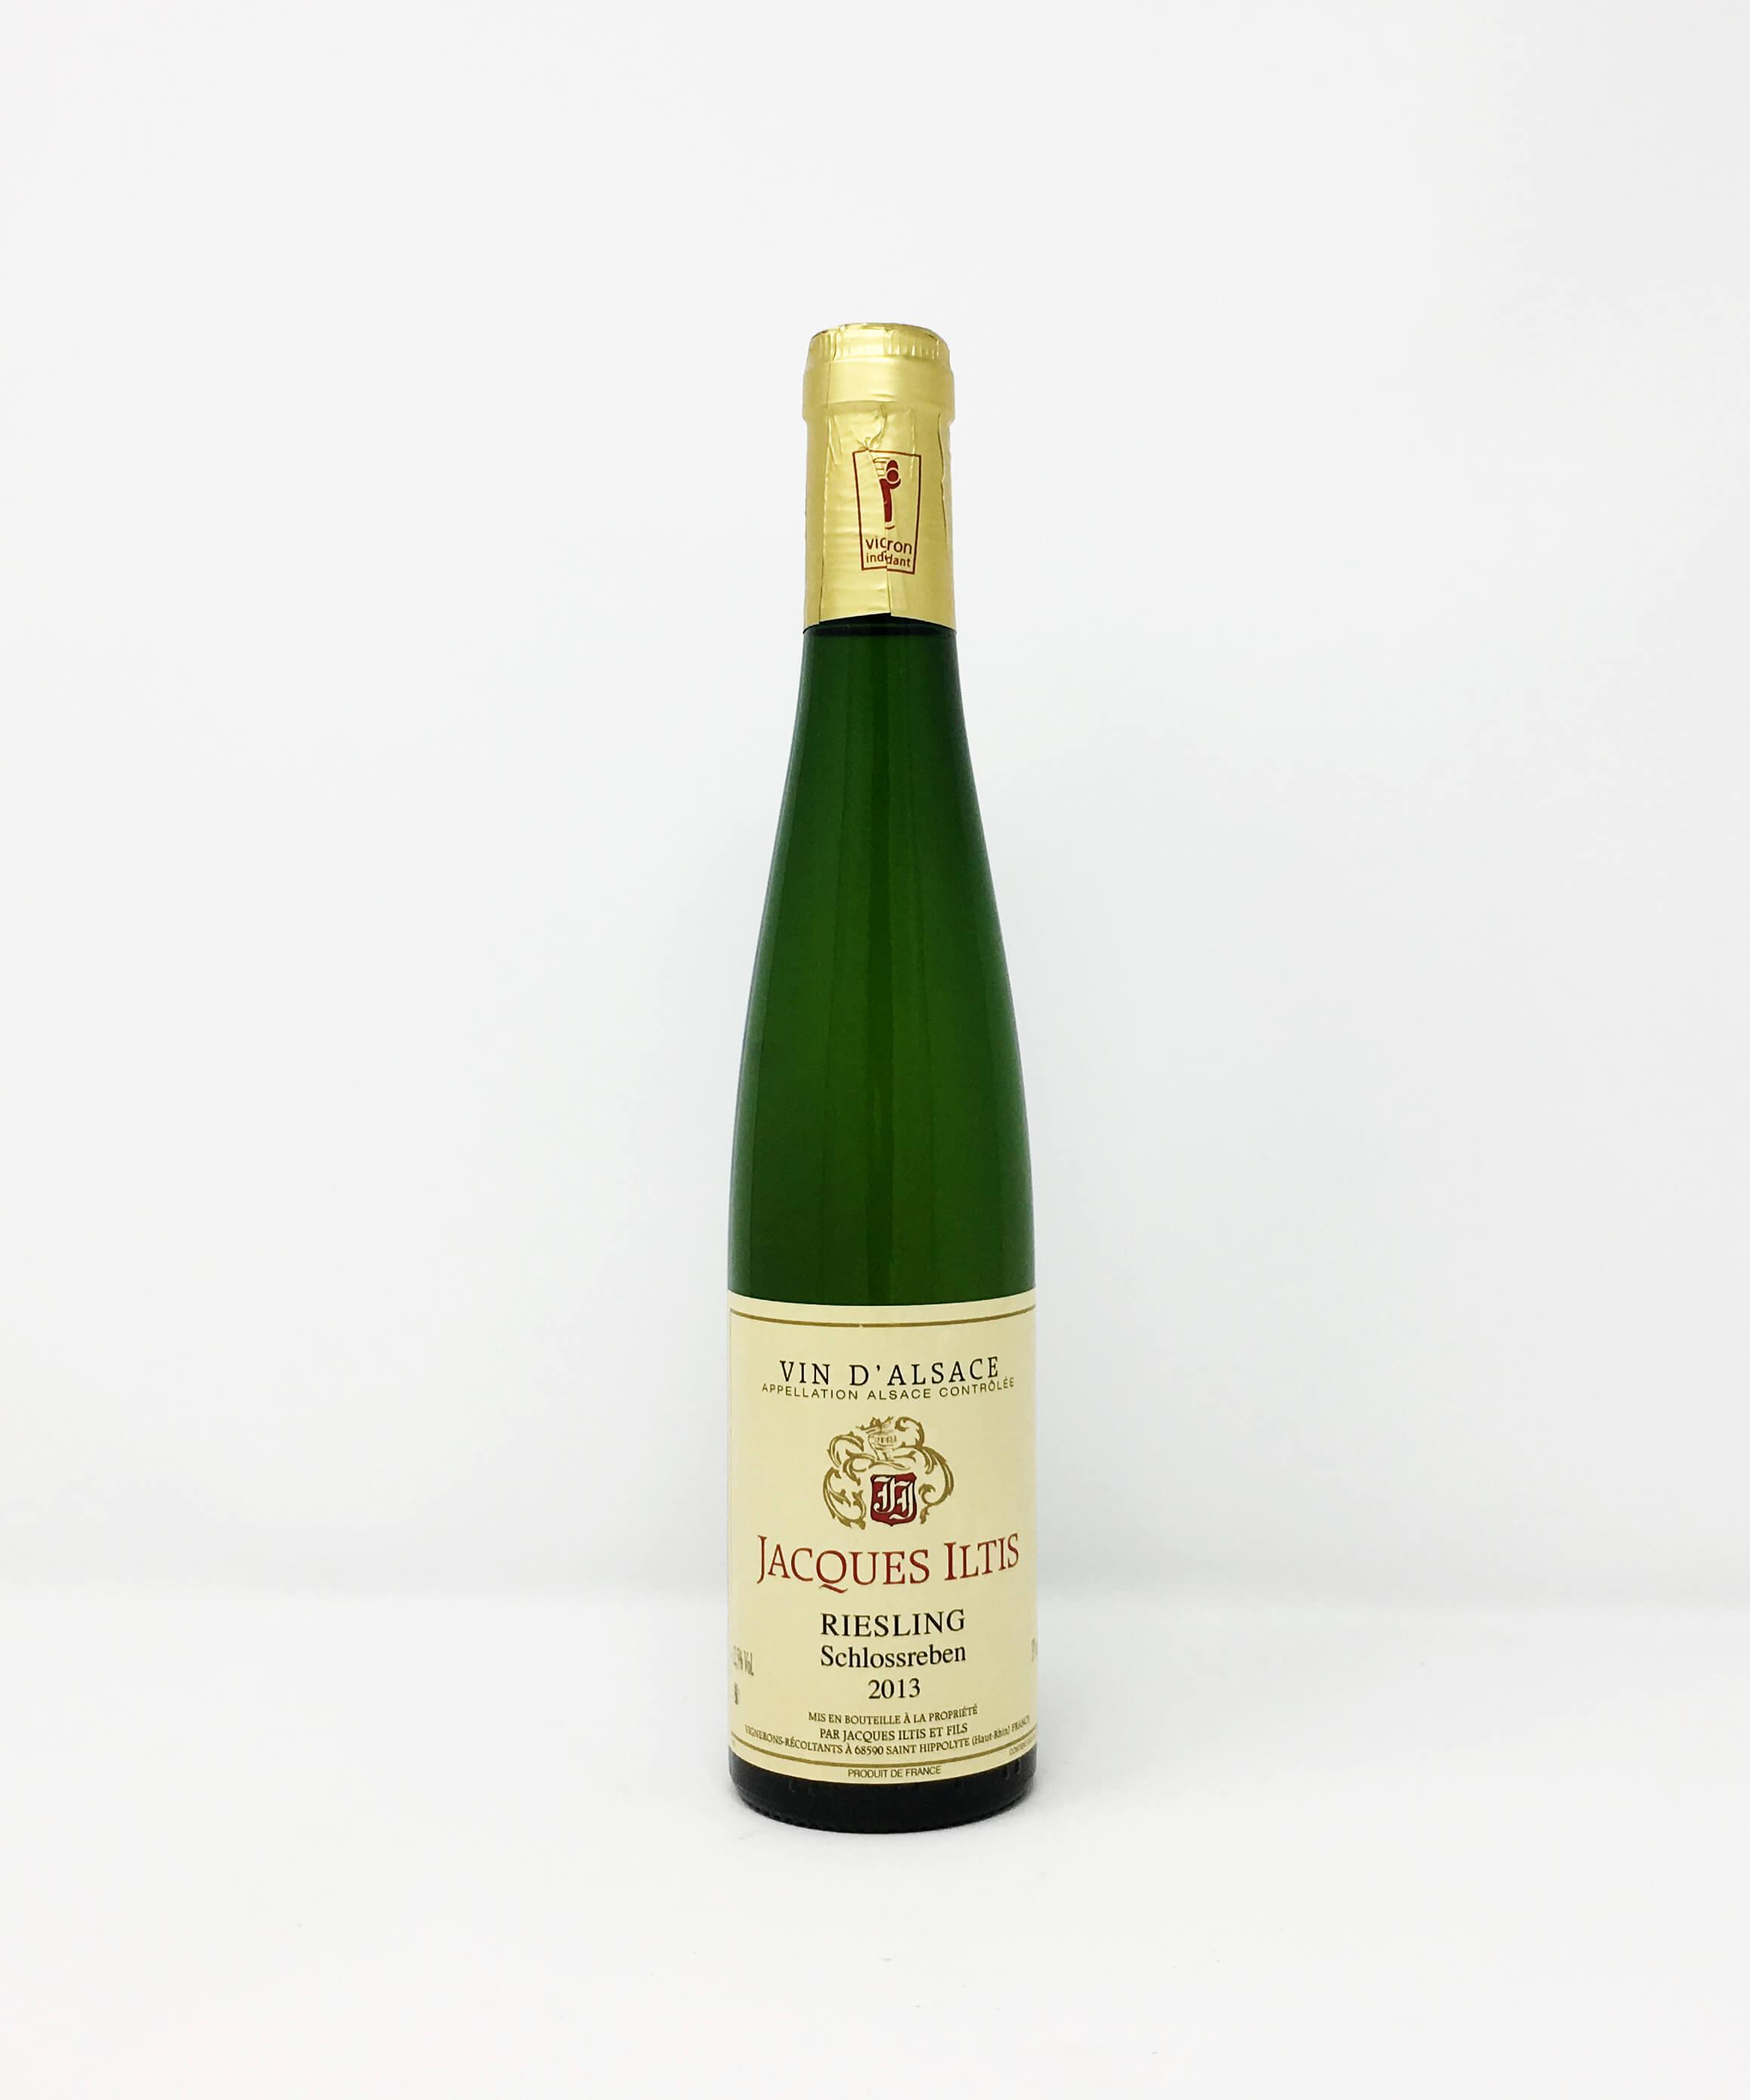 Jacques Iltis Riesling Schlossreben HALF BOTTLE